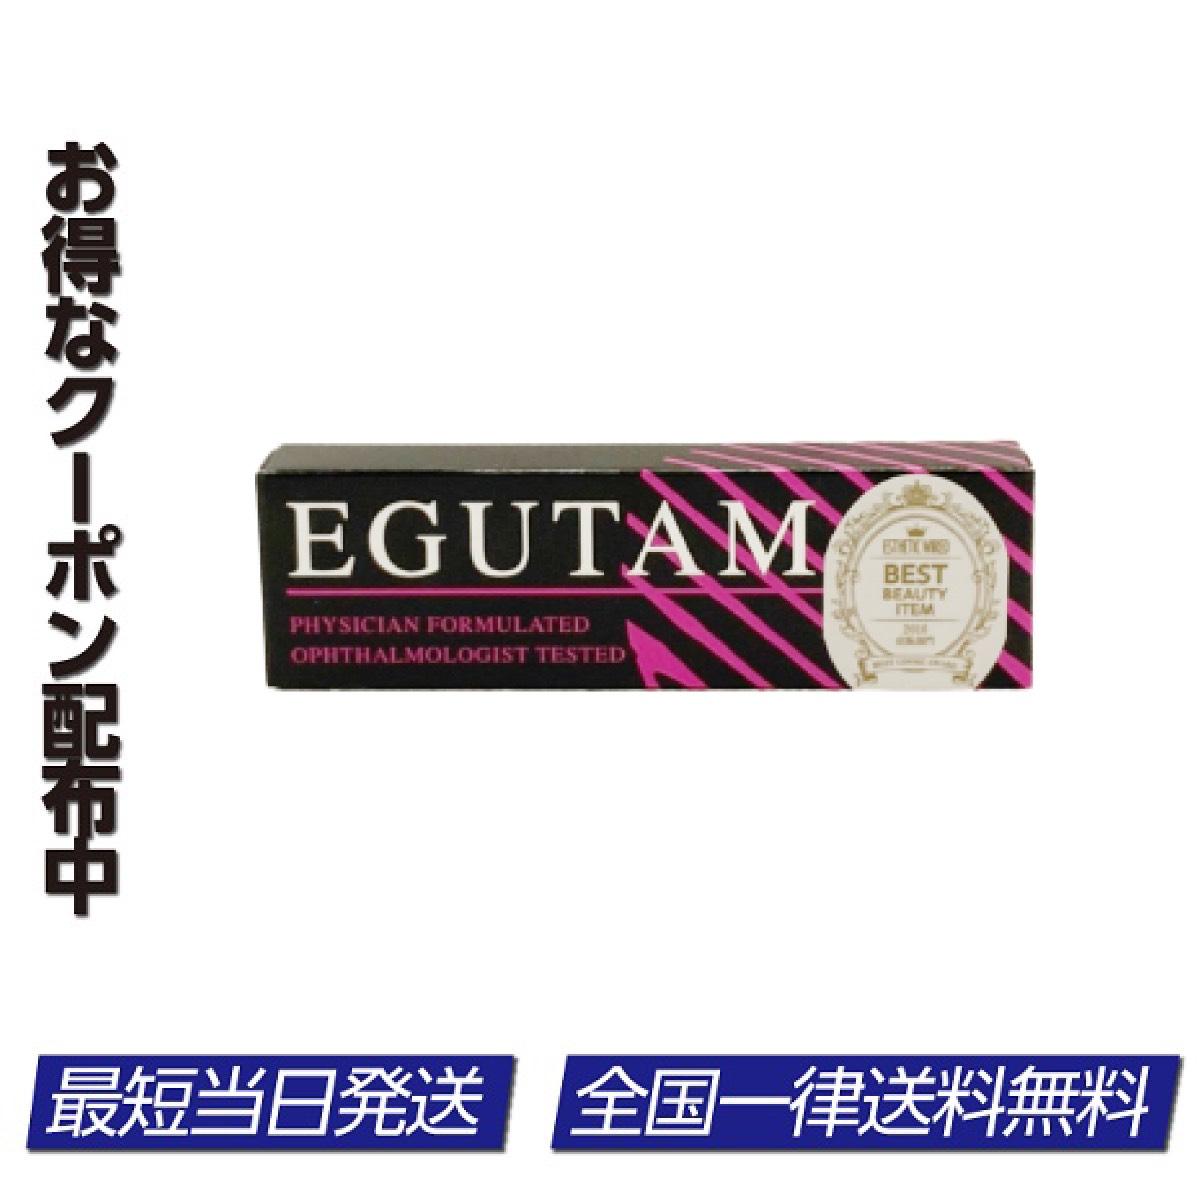 エグータム まつ毛美容液 アルマダ 売り出し 2ml EGUTAM 現金特価 当日発送